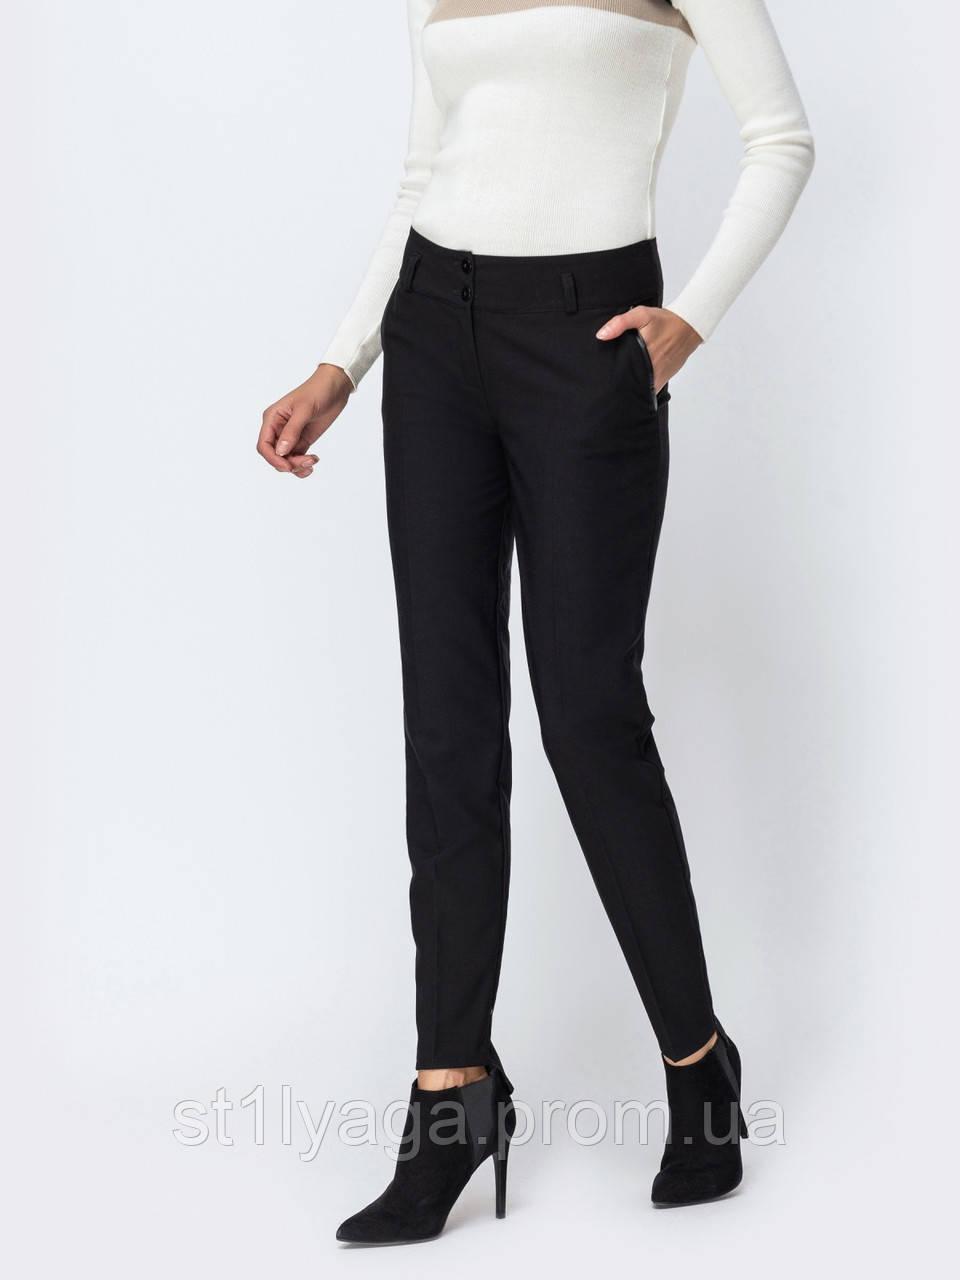 Классические брюки на флисе с асимметричным низом ОСЕНЬ - ЗИМА